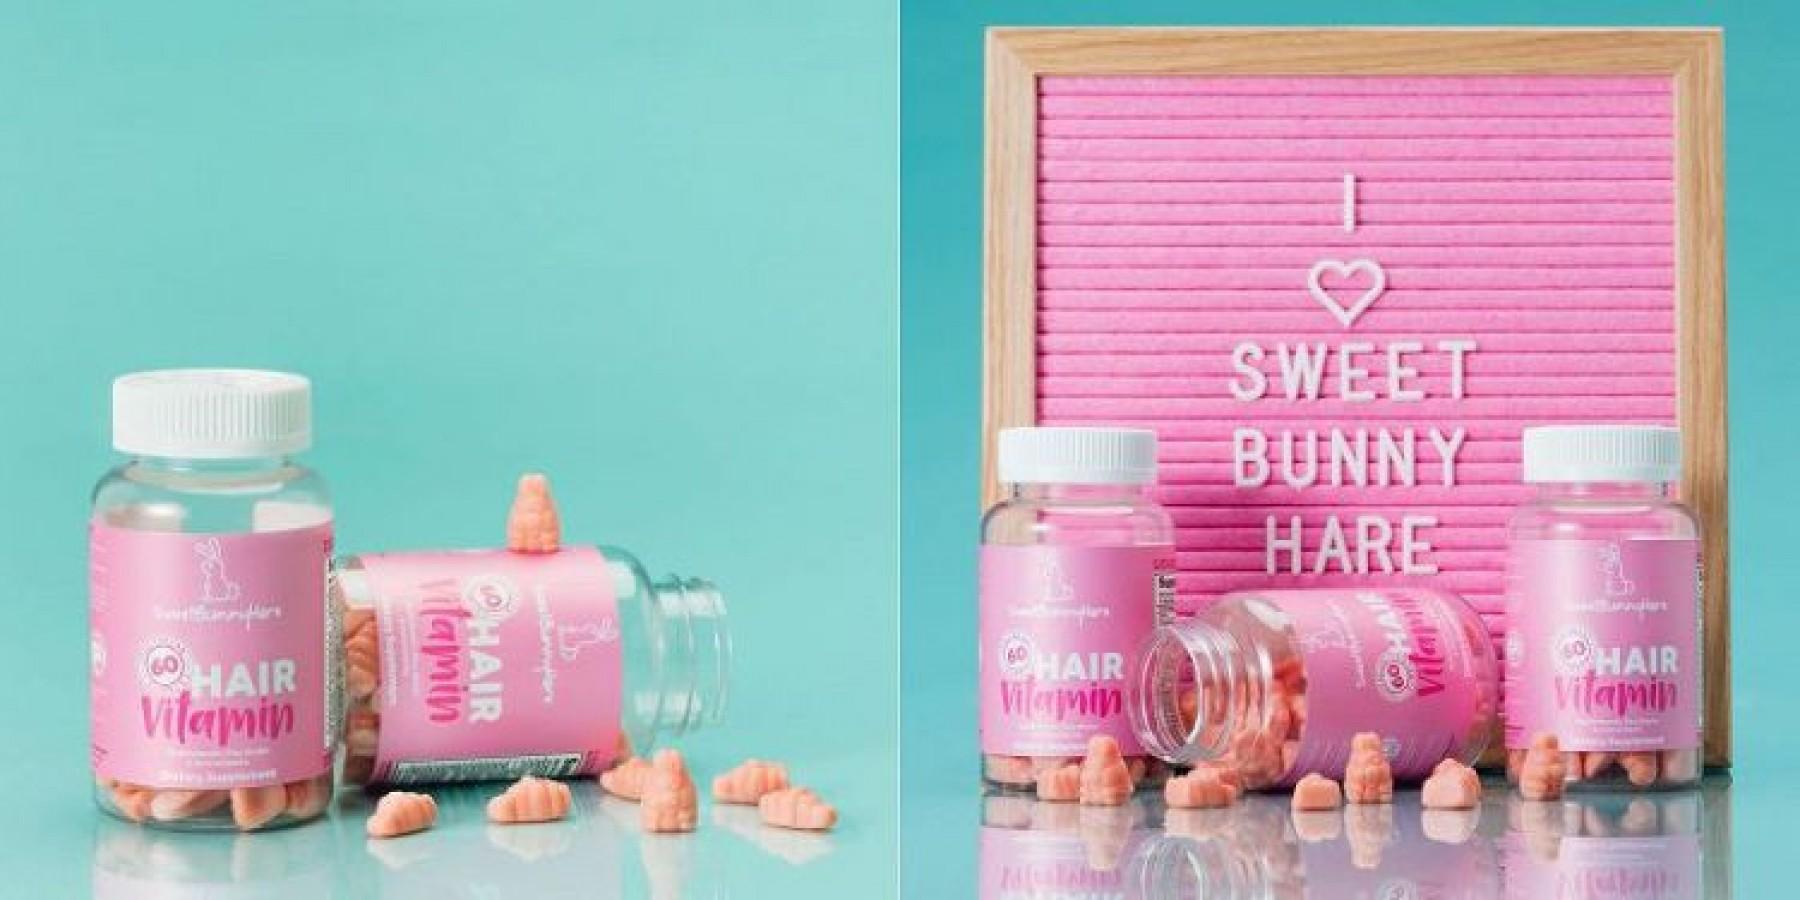 Kẹo Dẻo Hỗ Trợ Mọc Tóc Hair Vitamin Sweet Bunny Vegan